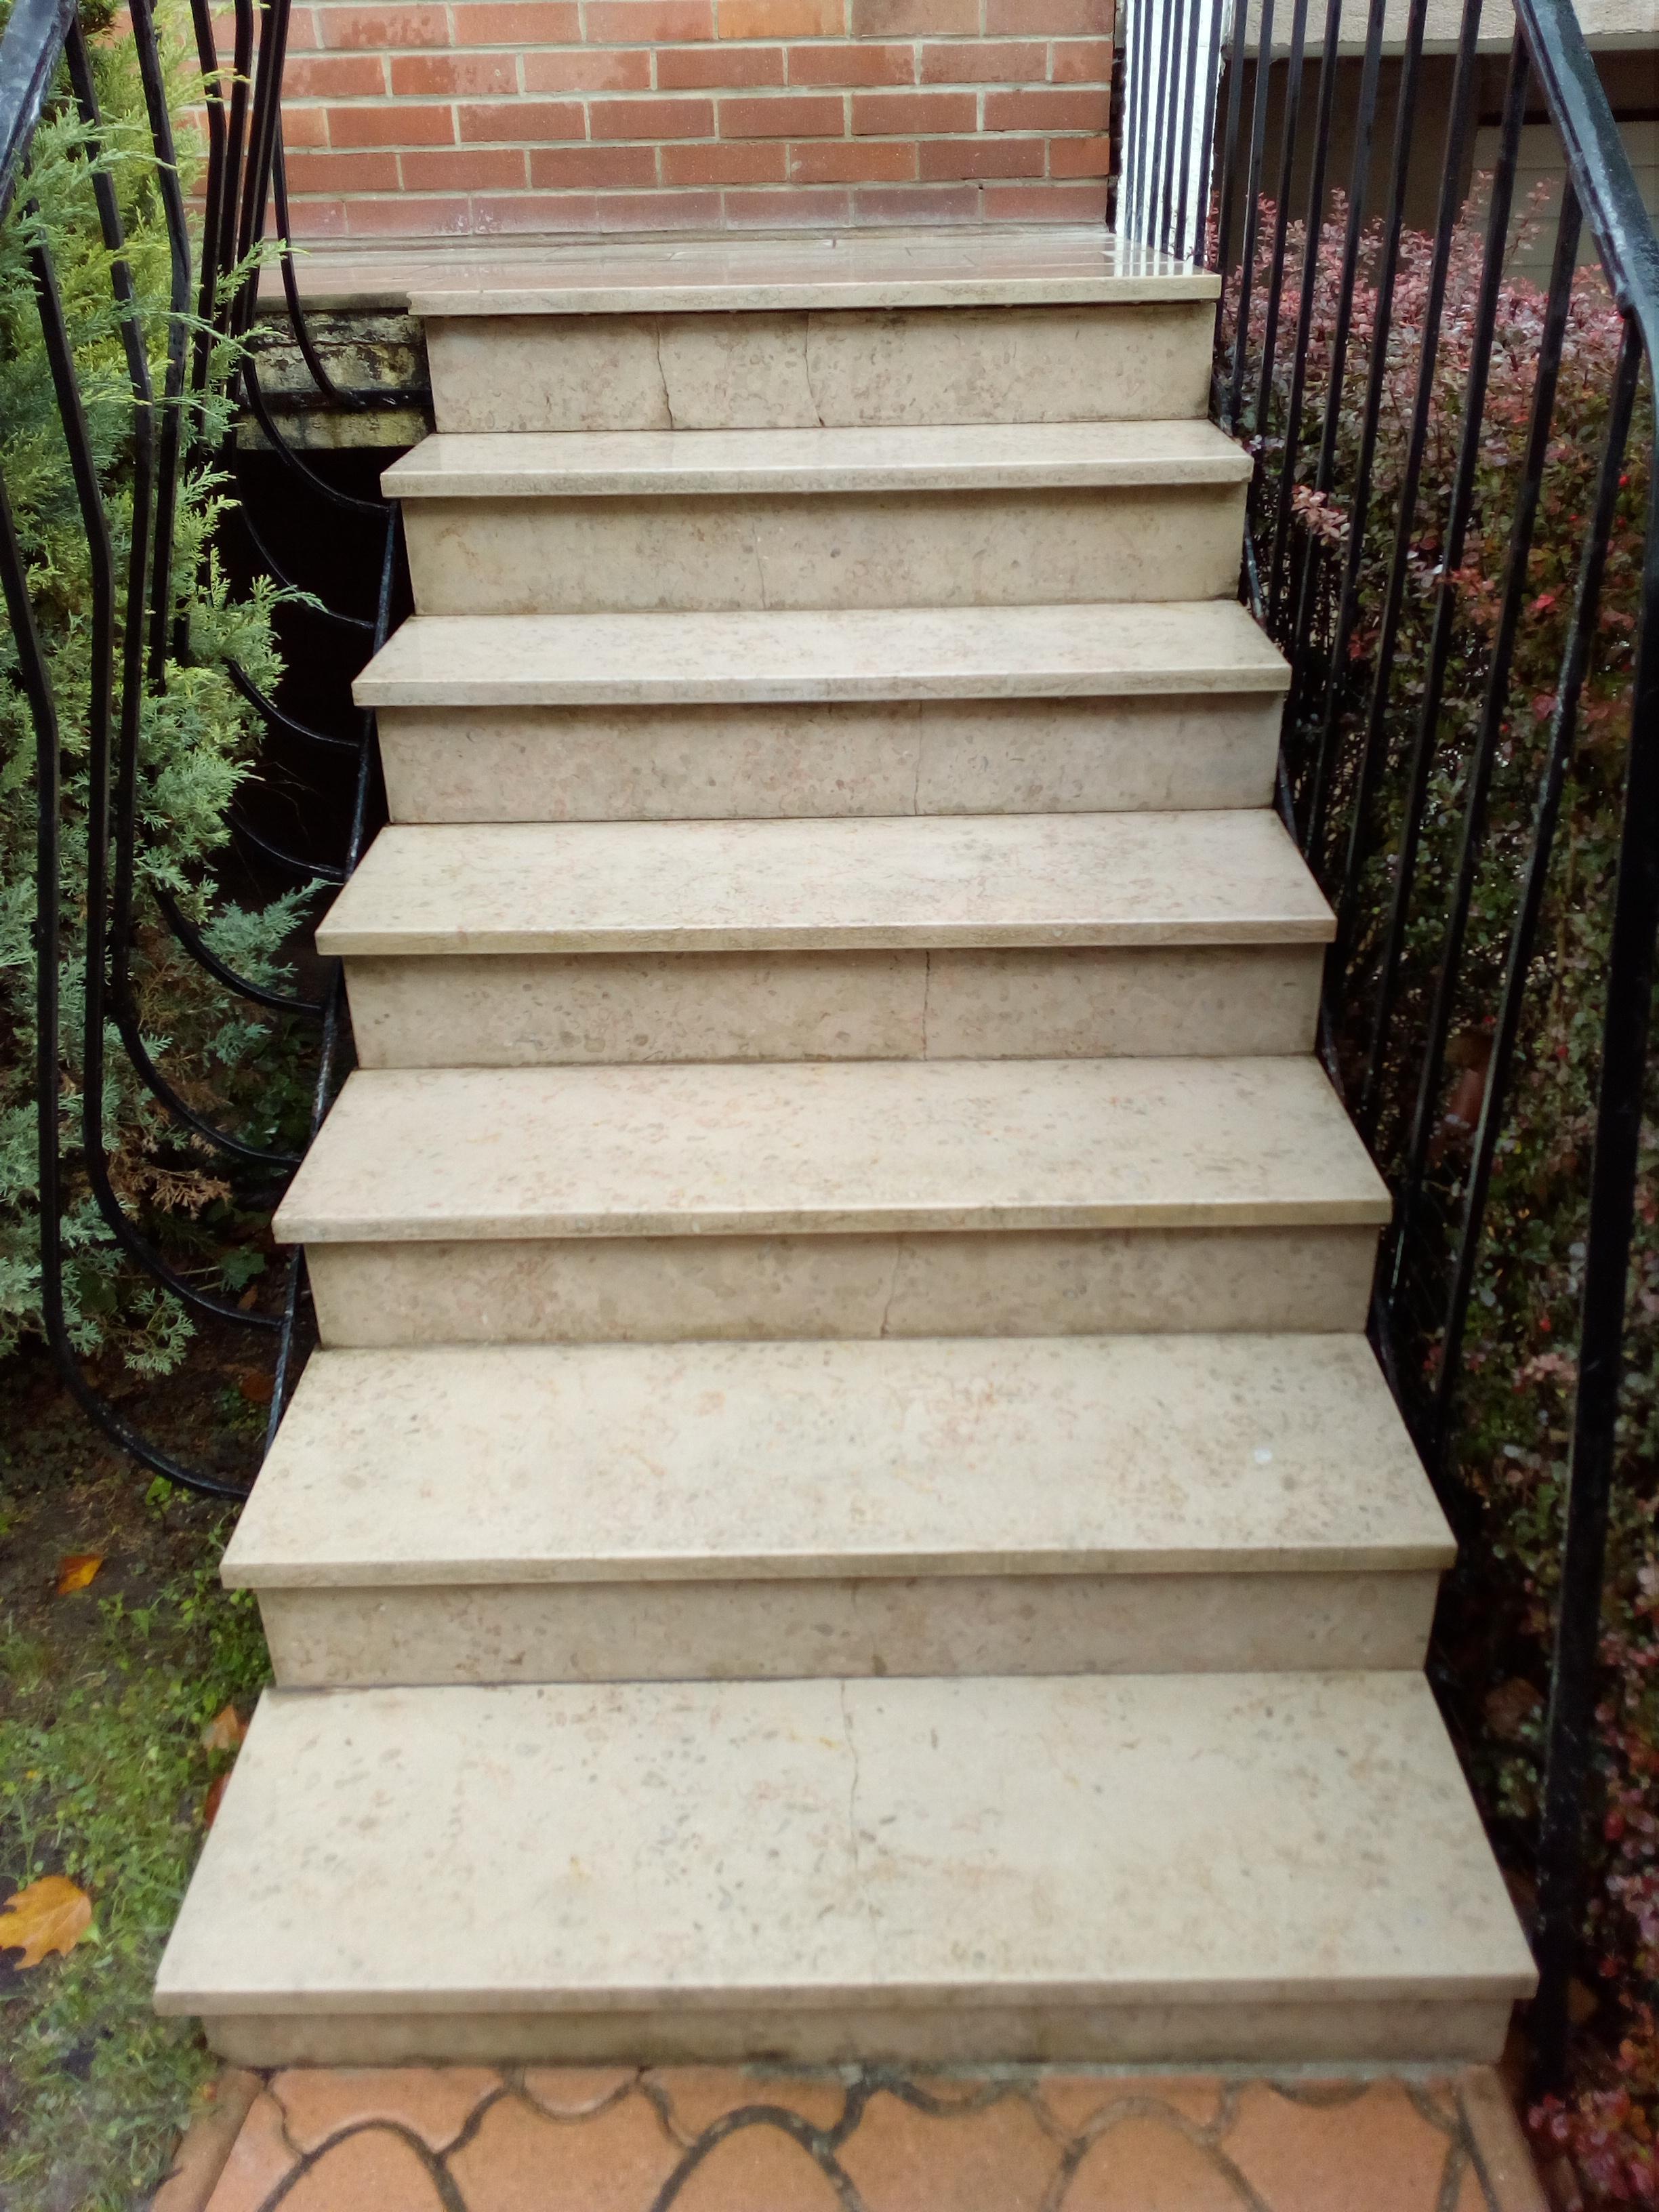 Renovation Escalier Nord Pas De Calais seb |